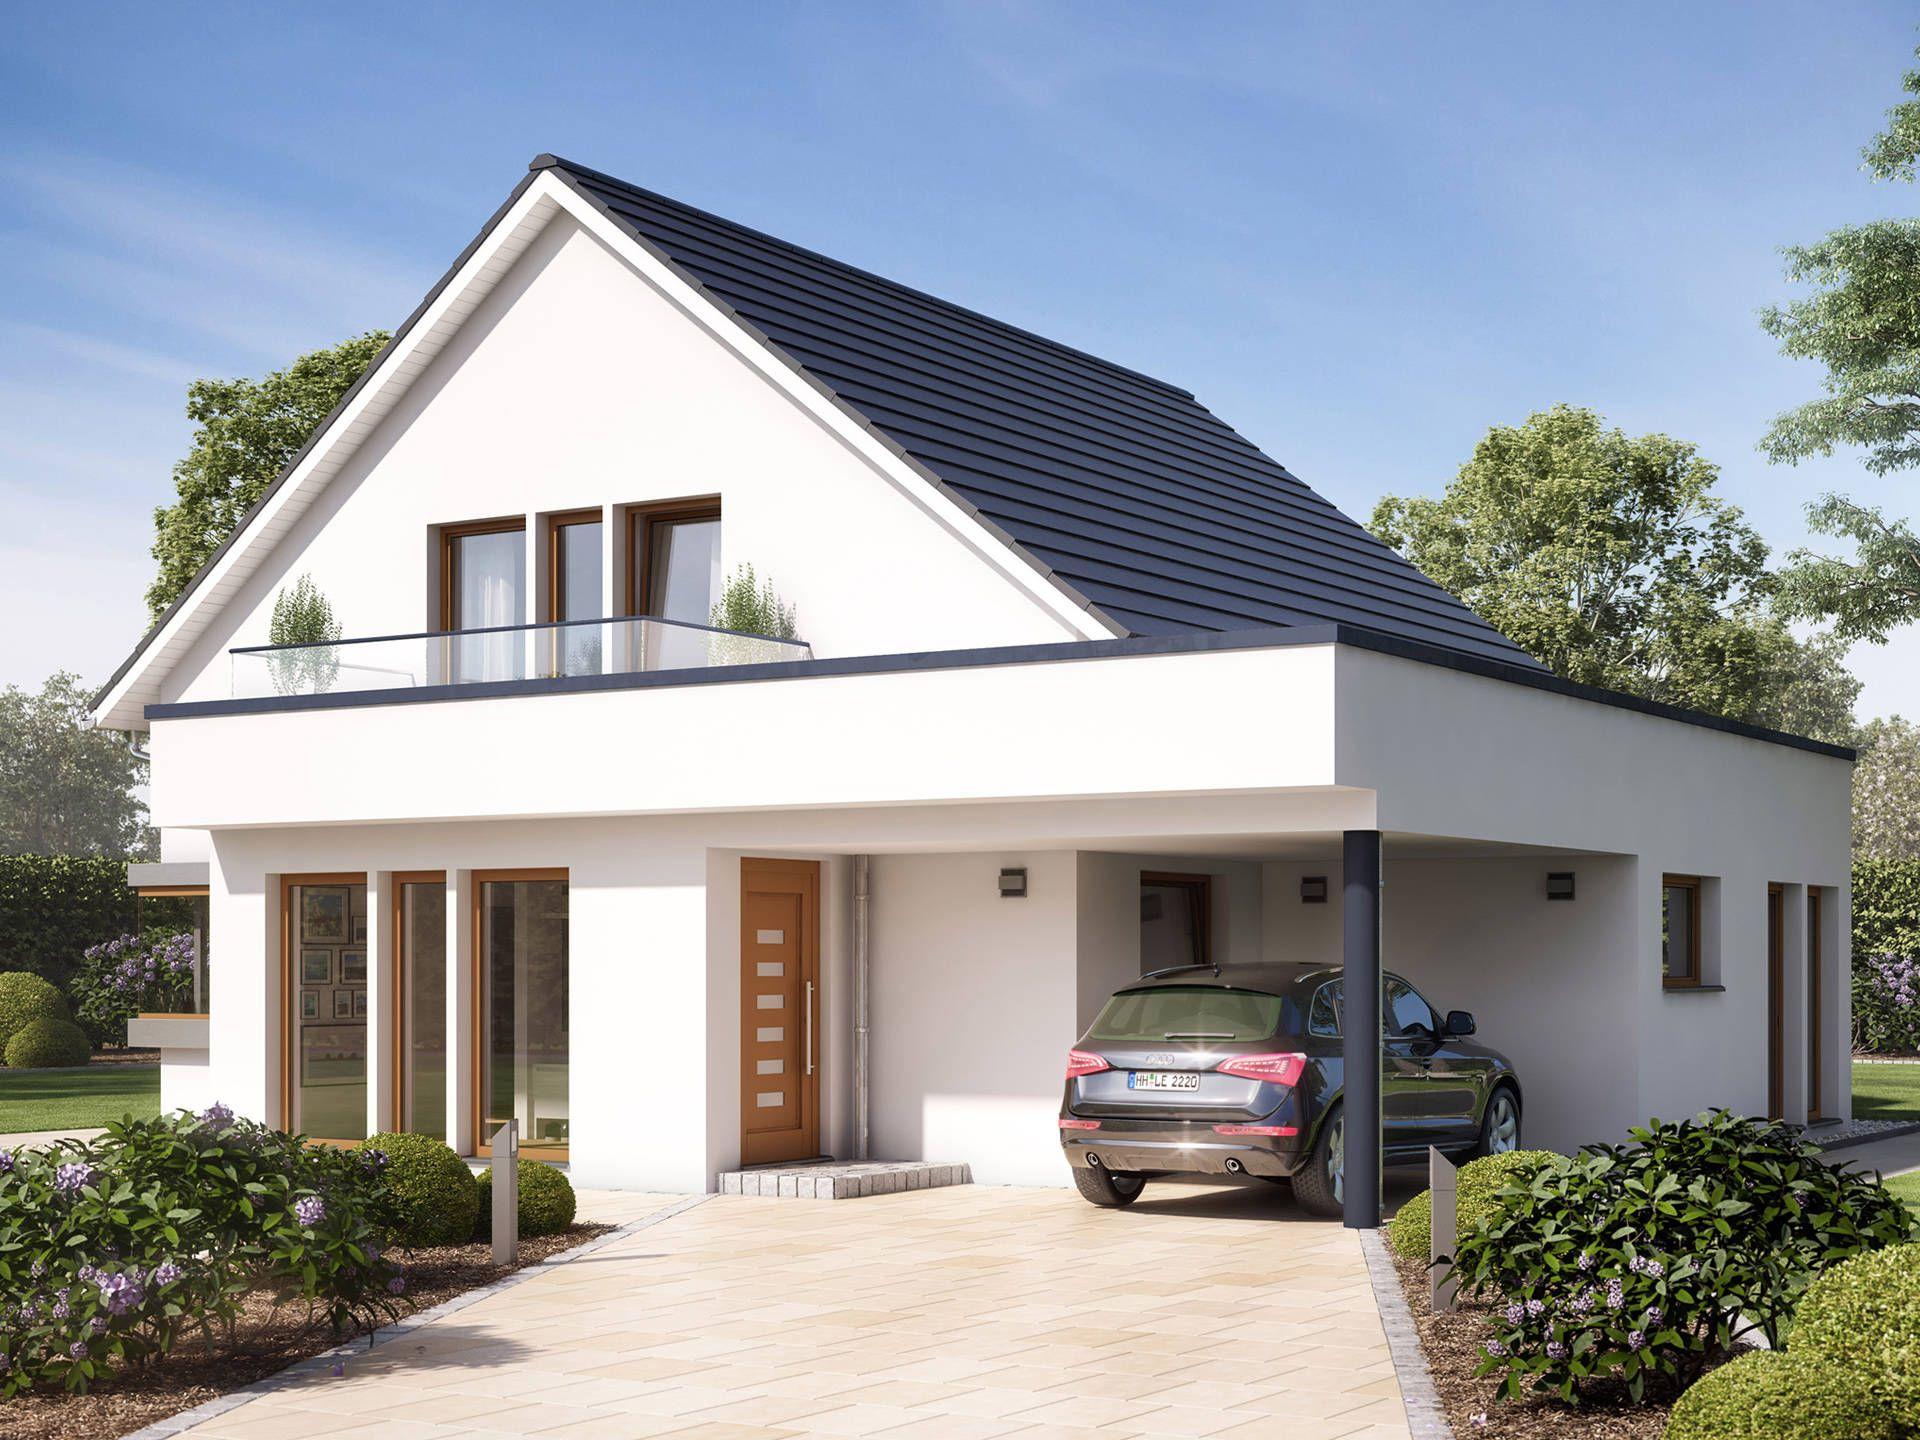 aktionshaus fantastic 163 v3 exterior. Black Bedroom Furniture Sets. Home Design Ideas